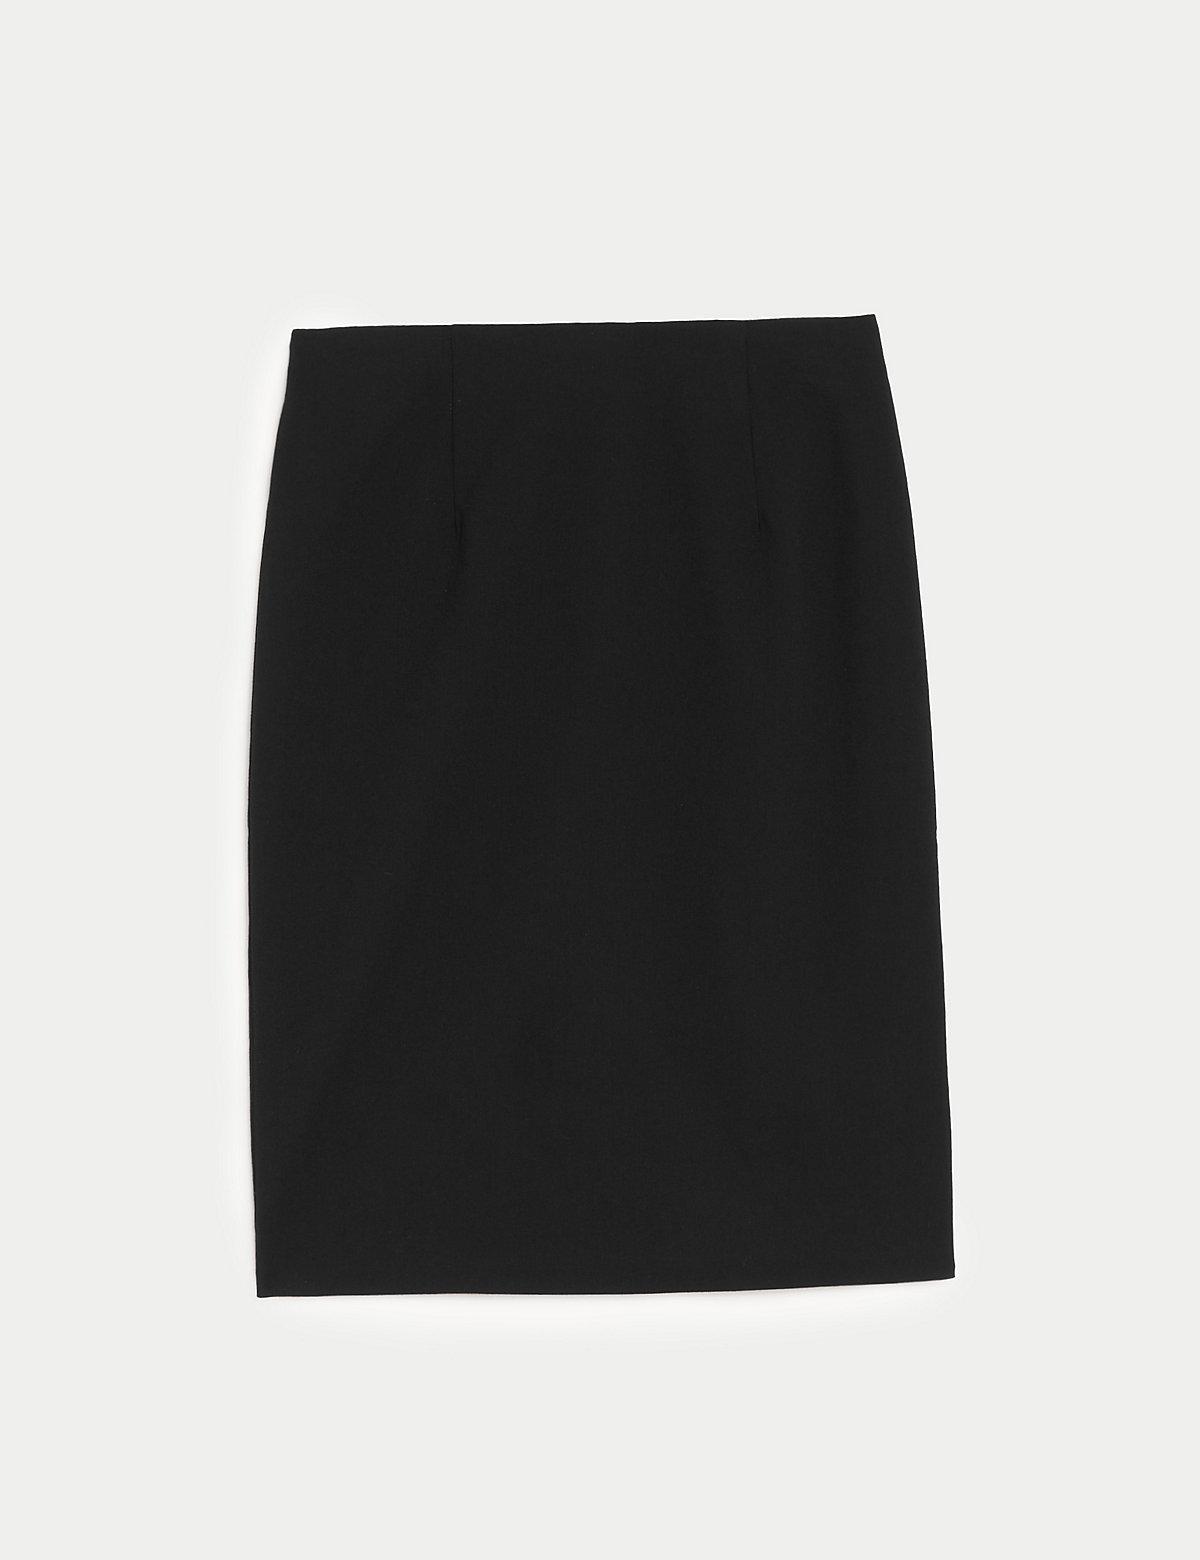 Длинная юбка-карандаш для девочек старшего возраста